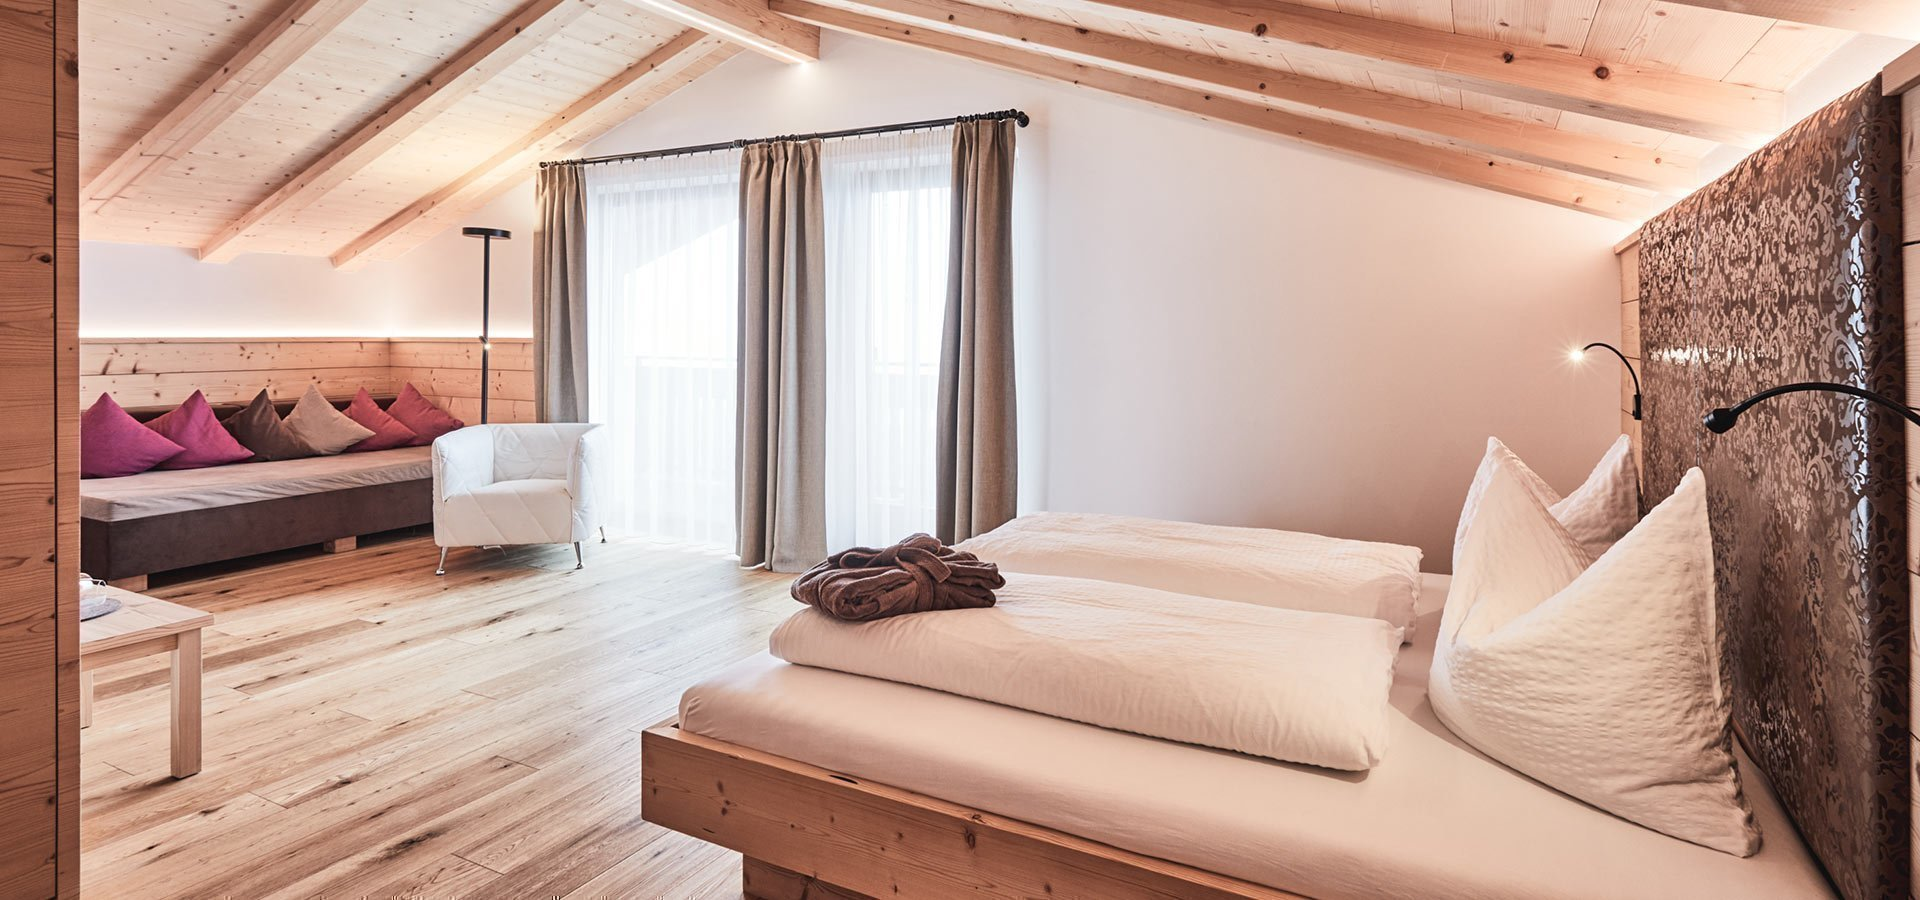 Kristall Suite | Hotel Kristall Südtirol